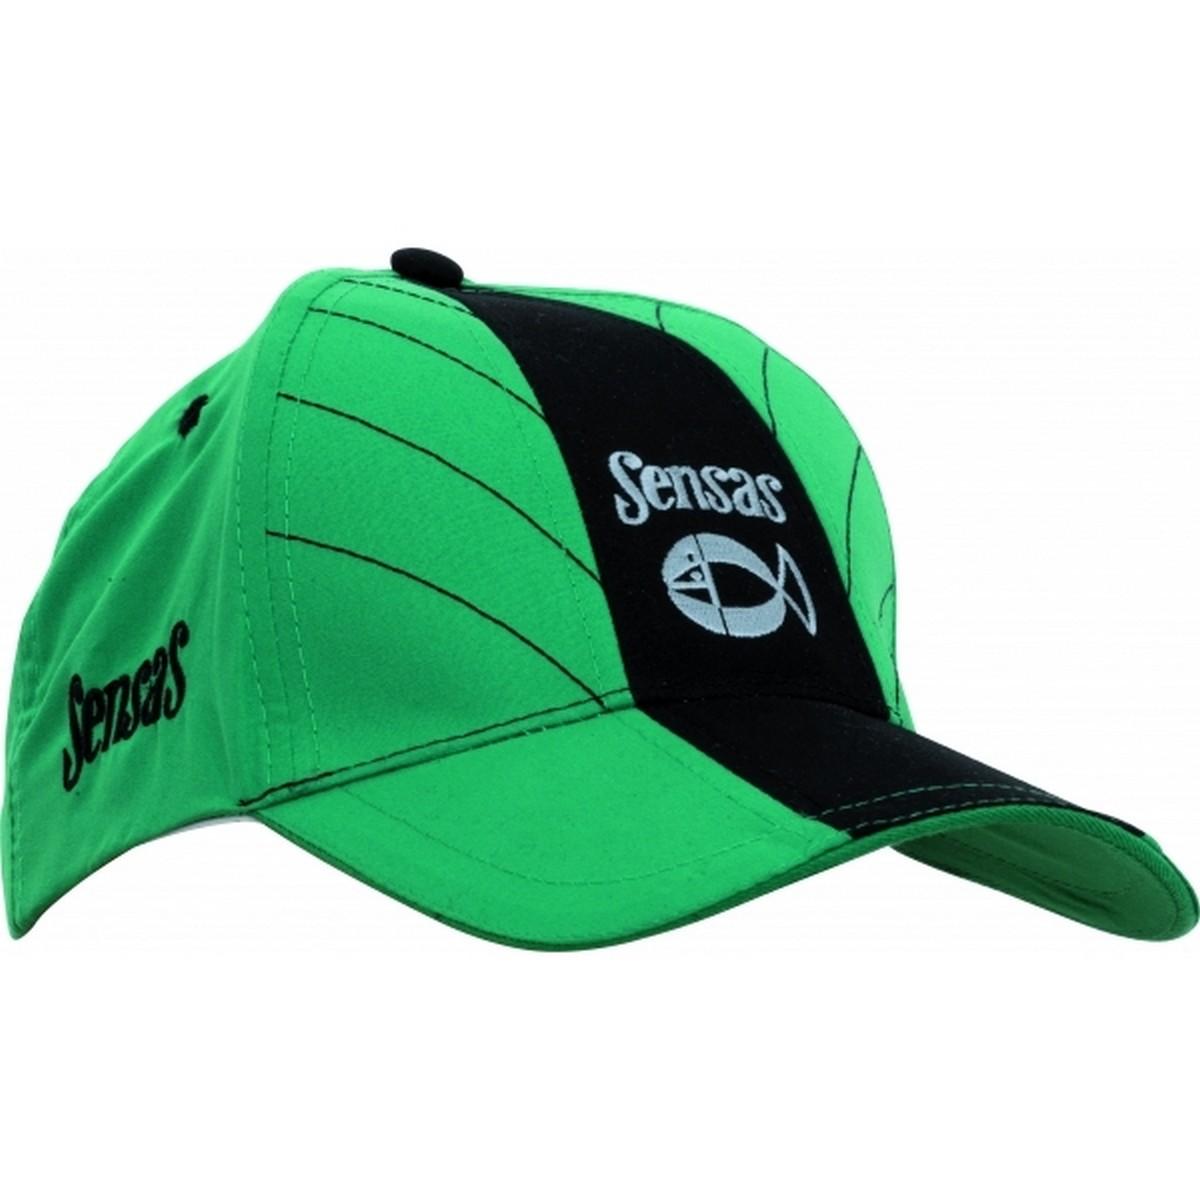 Шапка с козирка Sensas Microfibre Green/Black